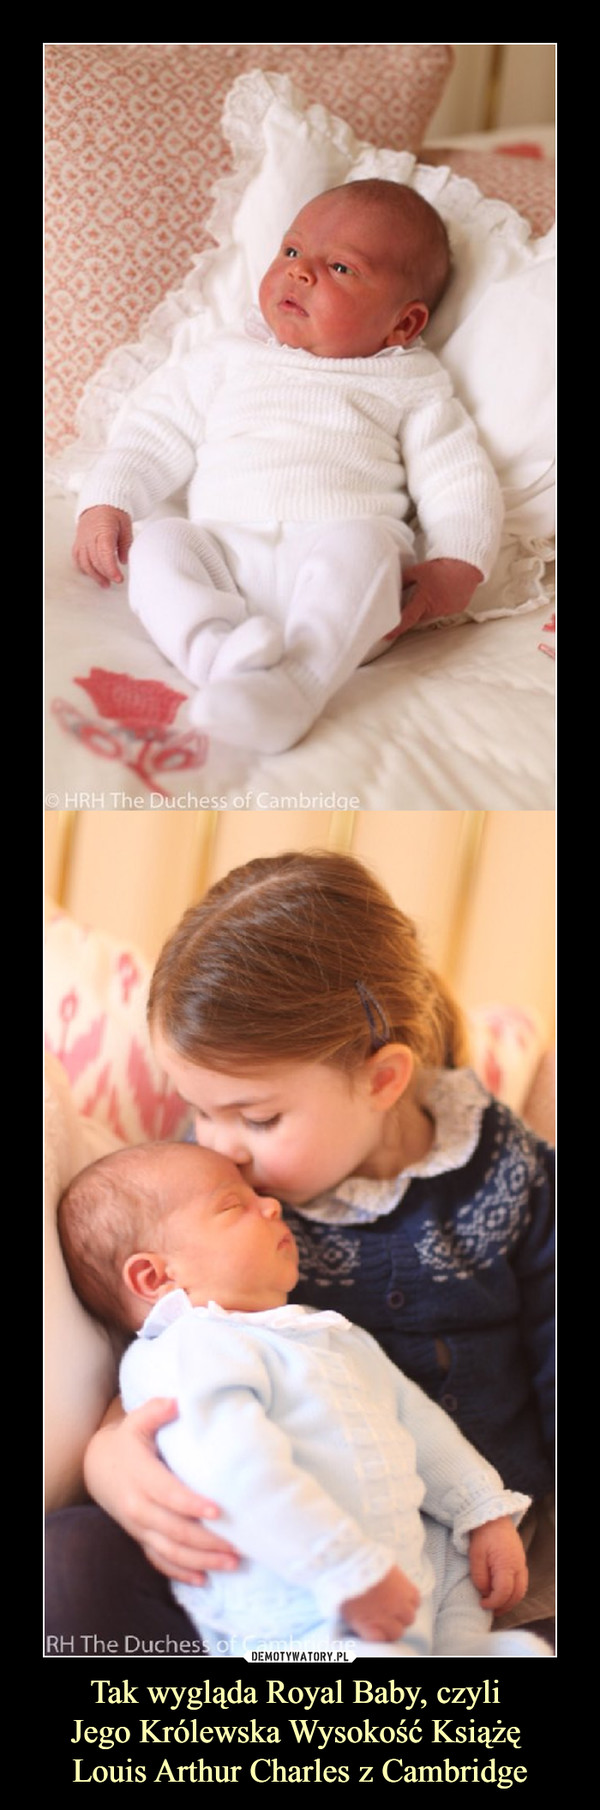 Tak wygląda Royal Baby, czyli Jego Królewska Wysokość Książę Louis Arthur Charles z Cambridge –